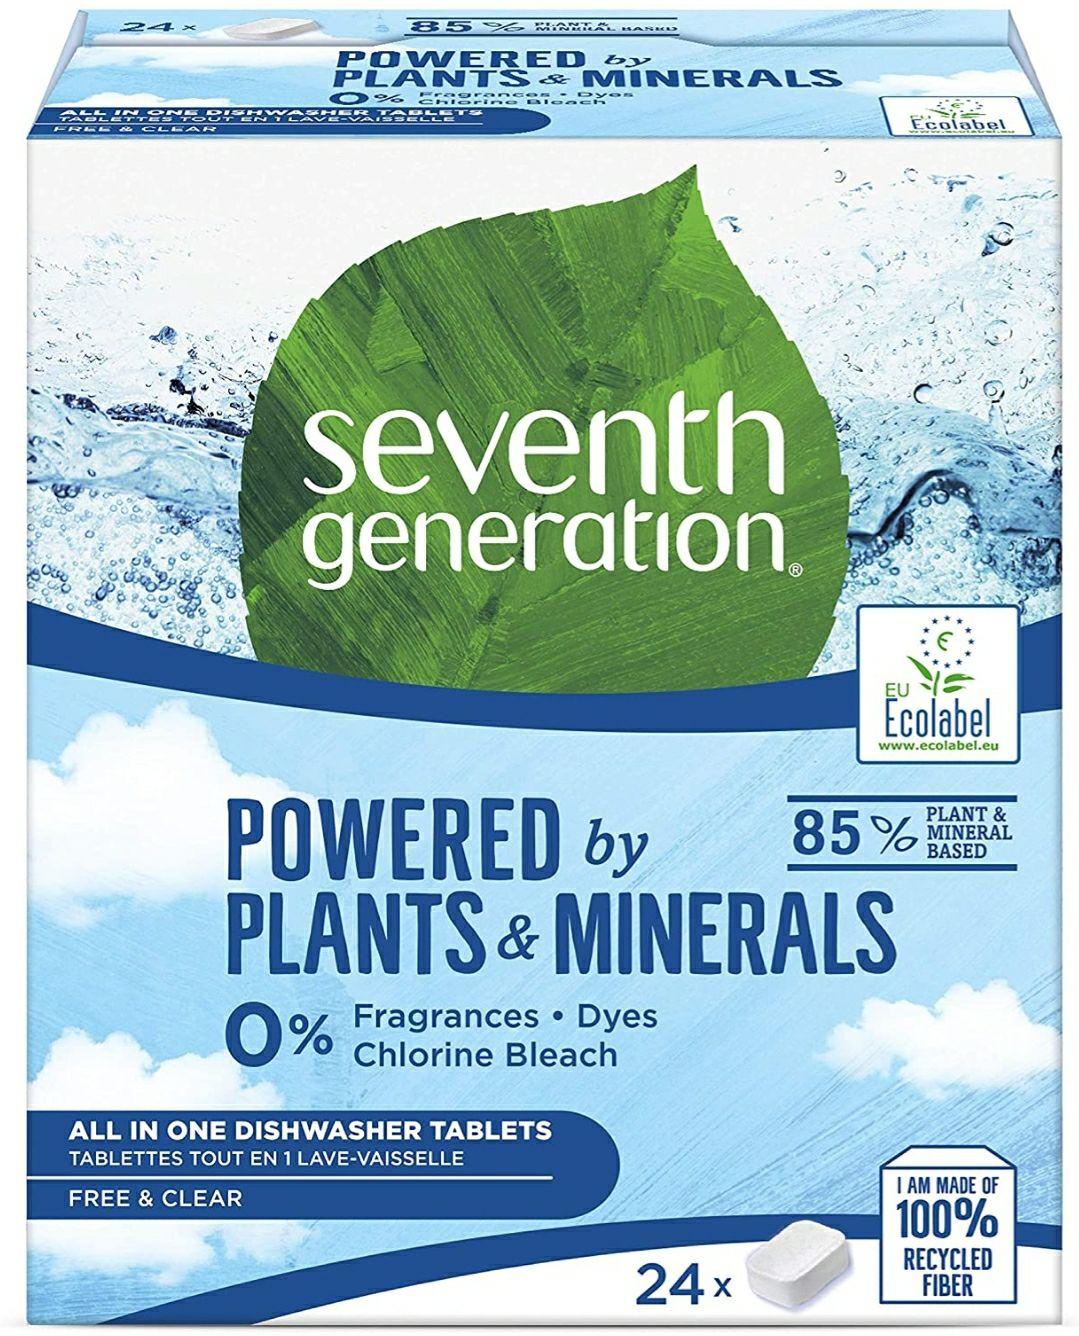 2 x 24 pastillas ecológicas para lavavajillas.